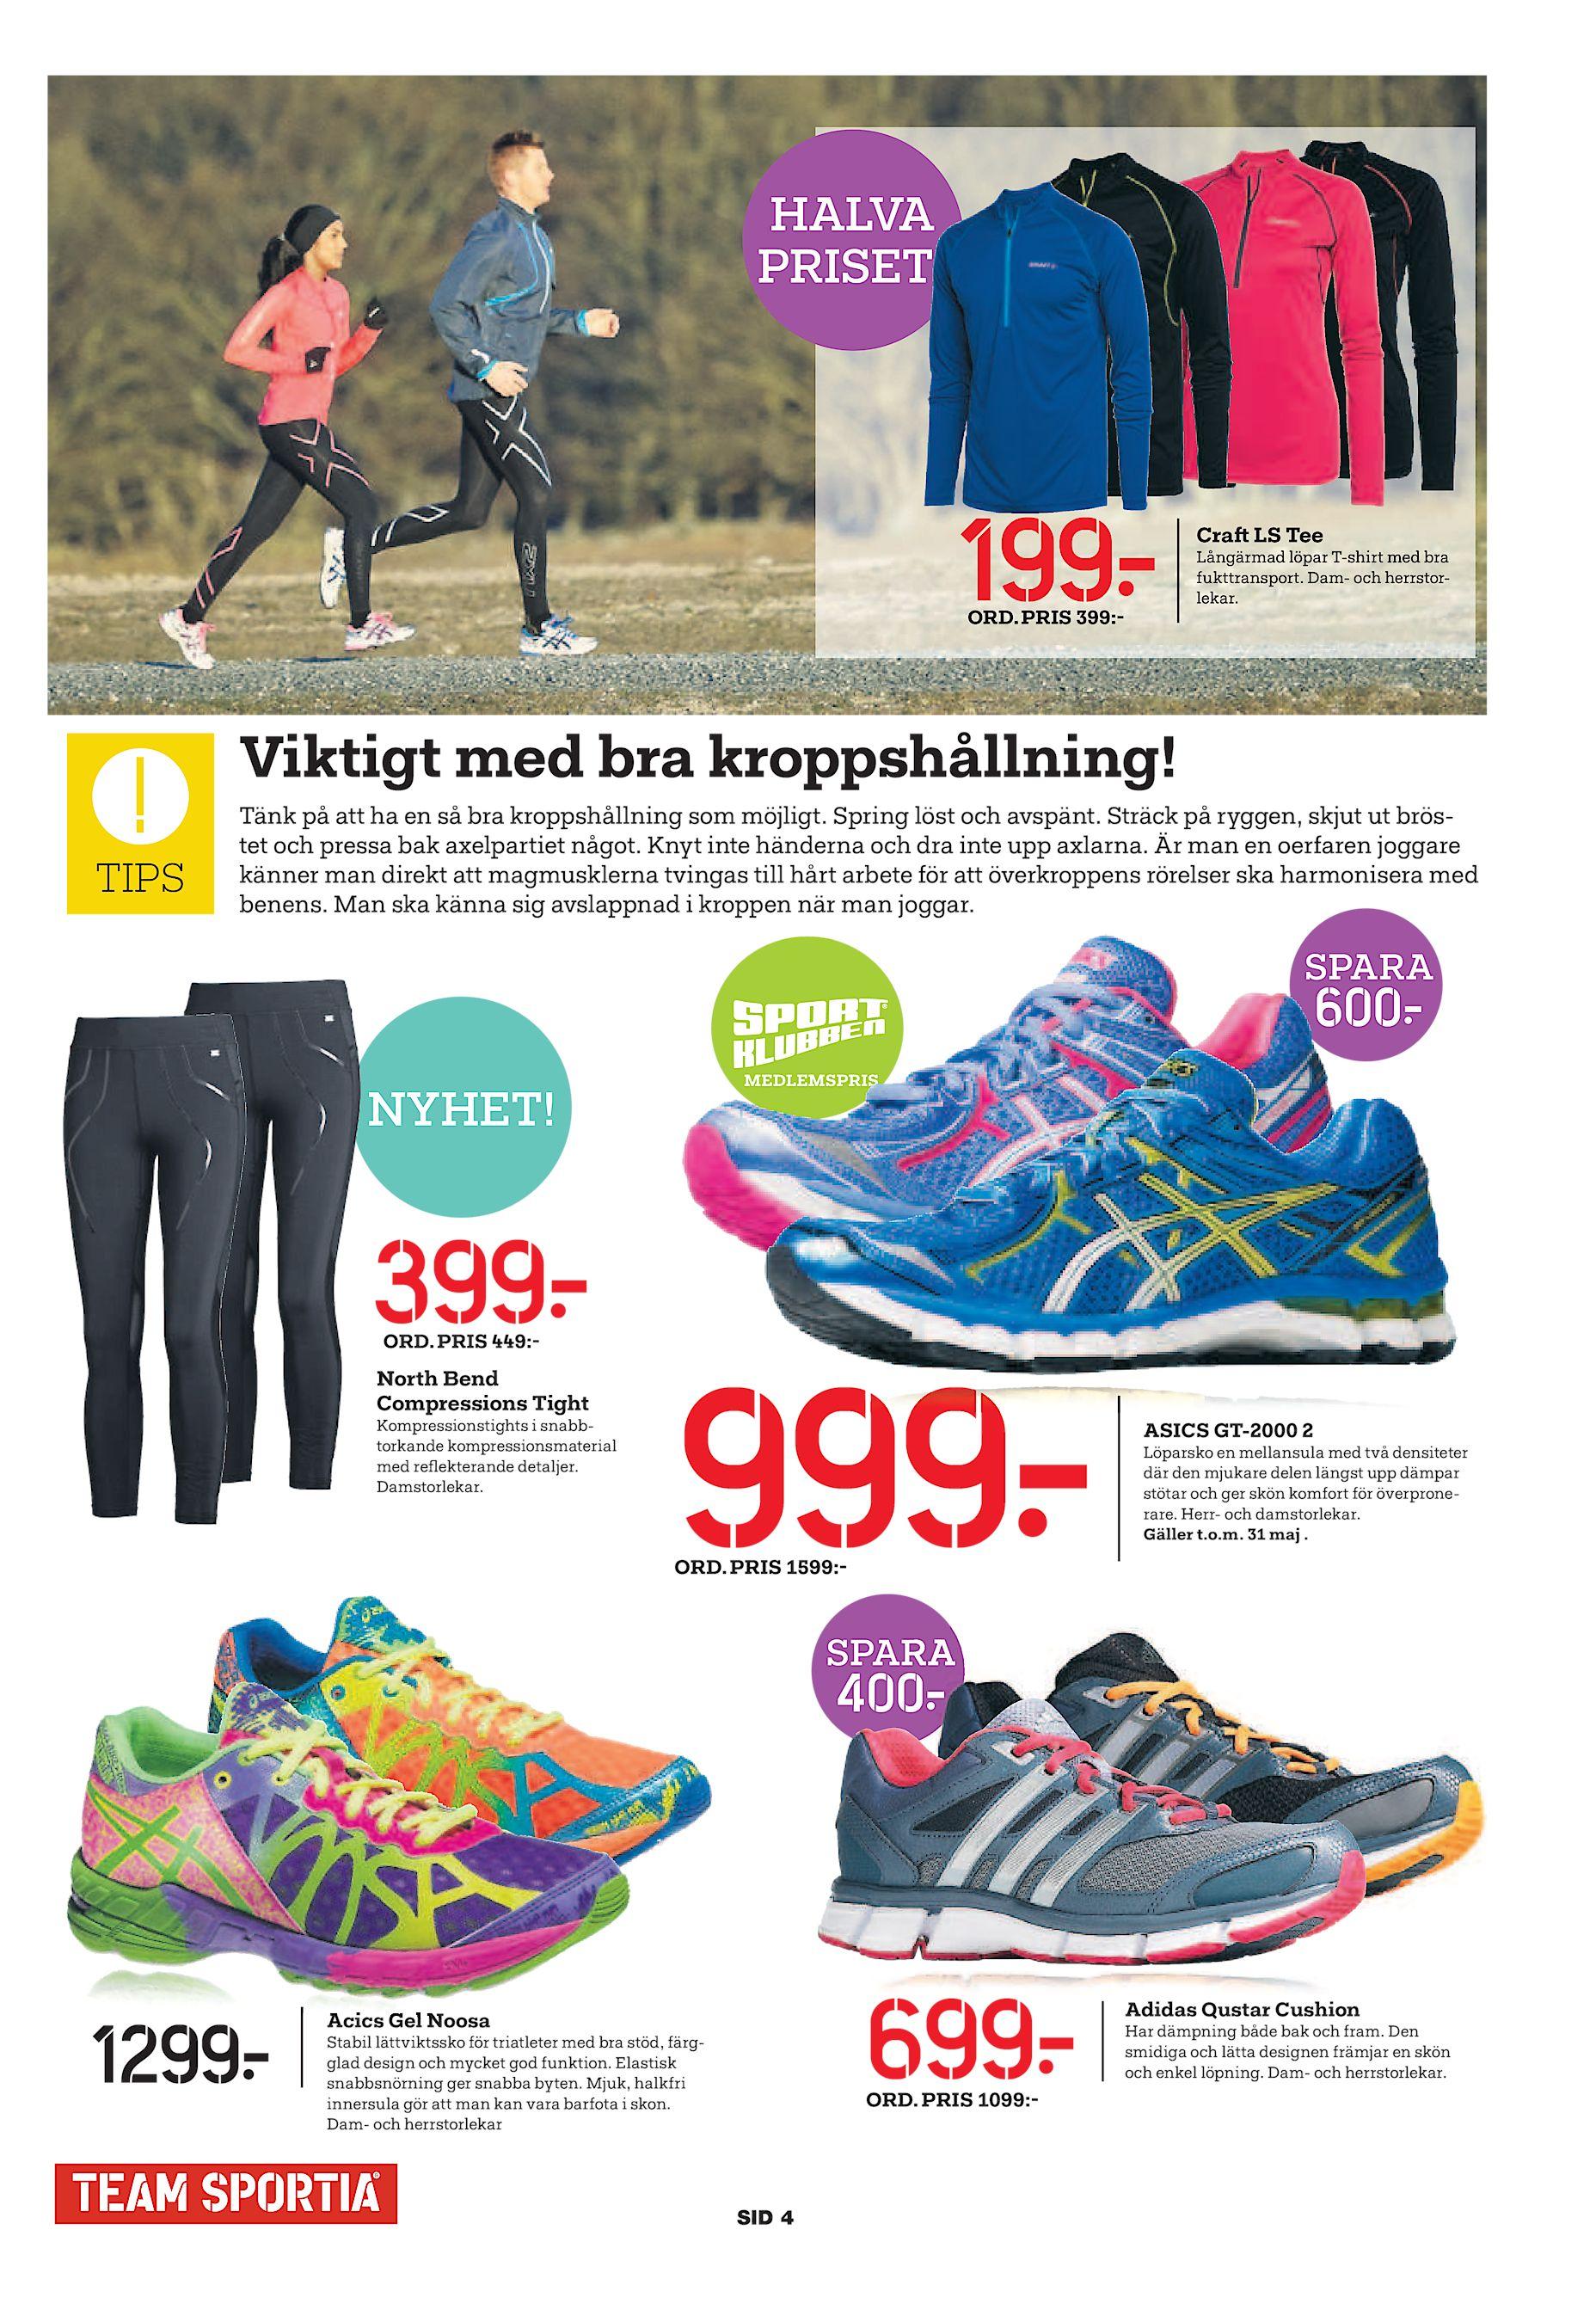 Finnveden.nu FNU 20140521 (endast text)